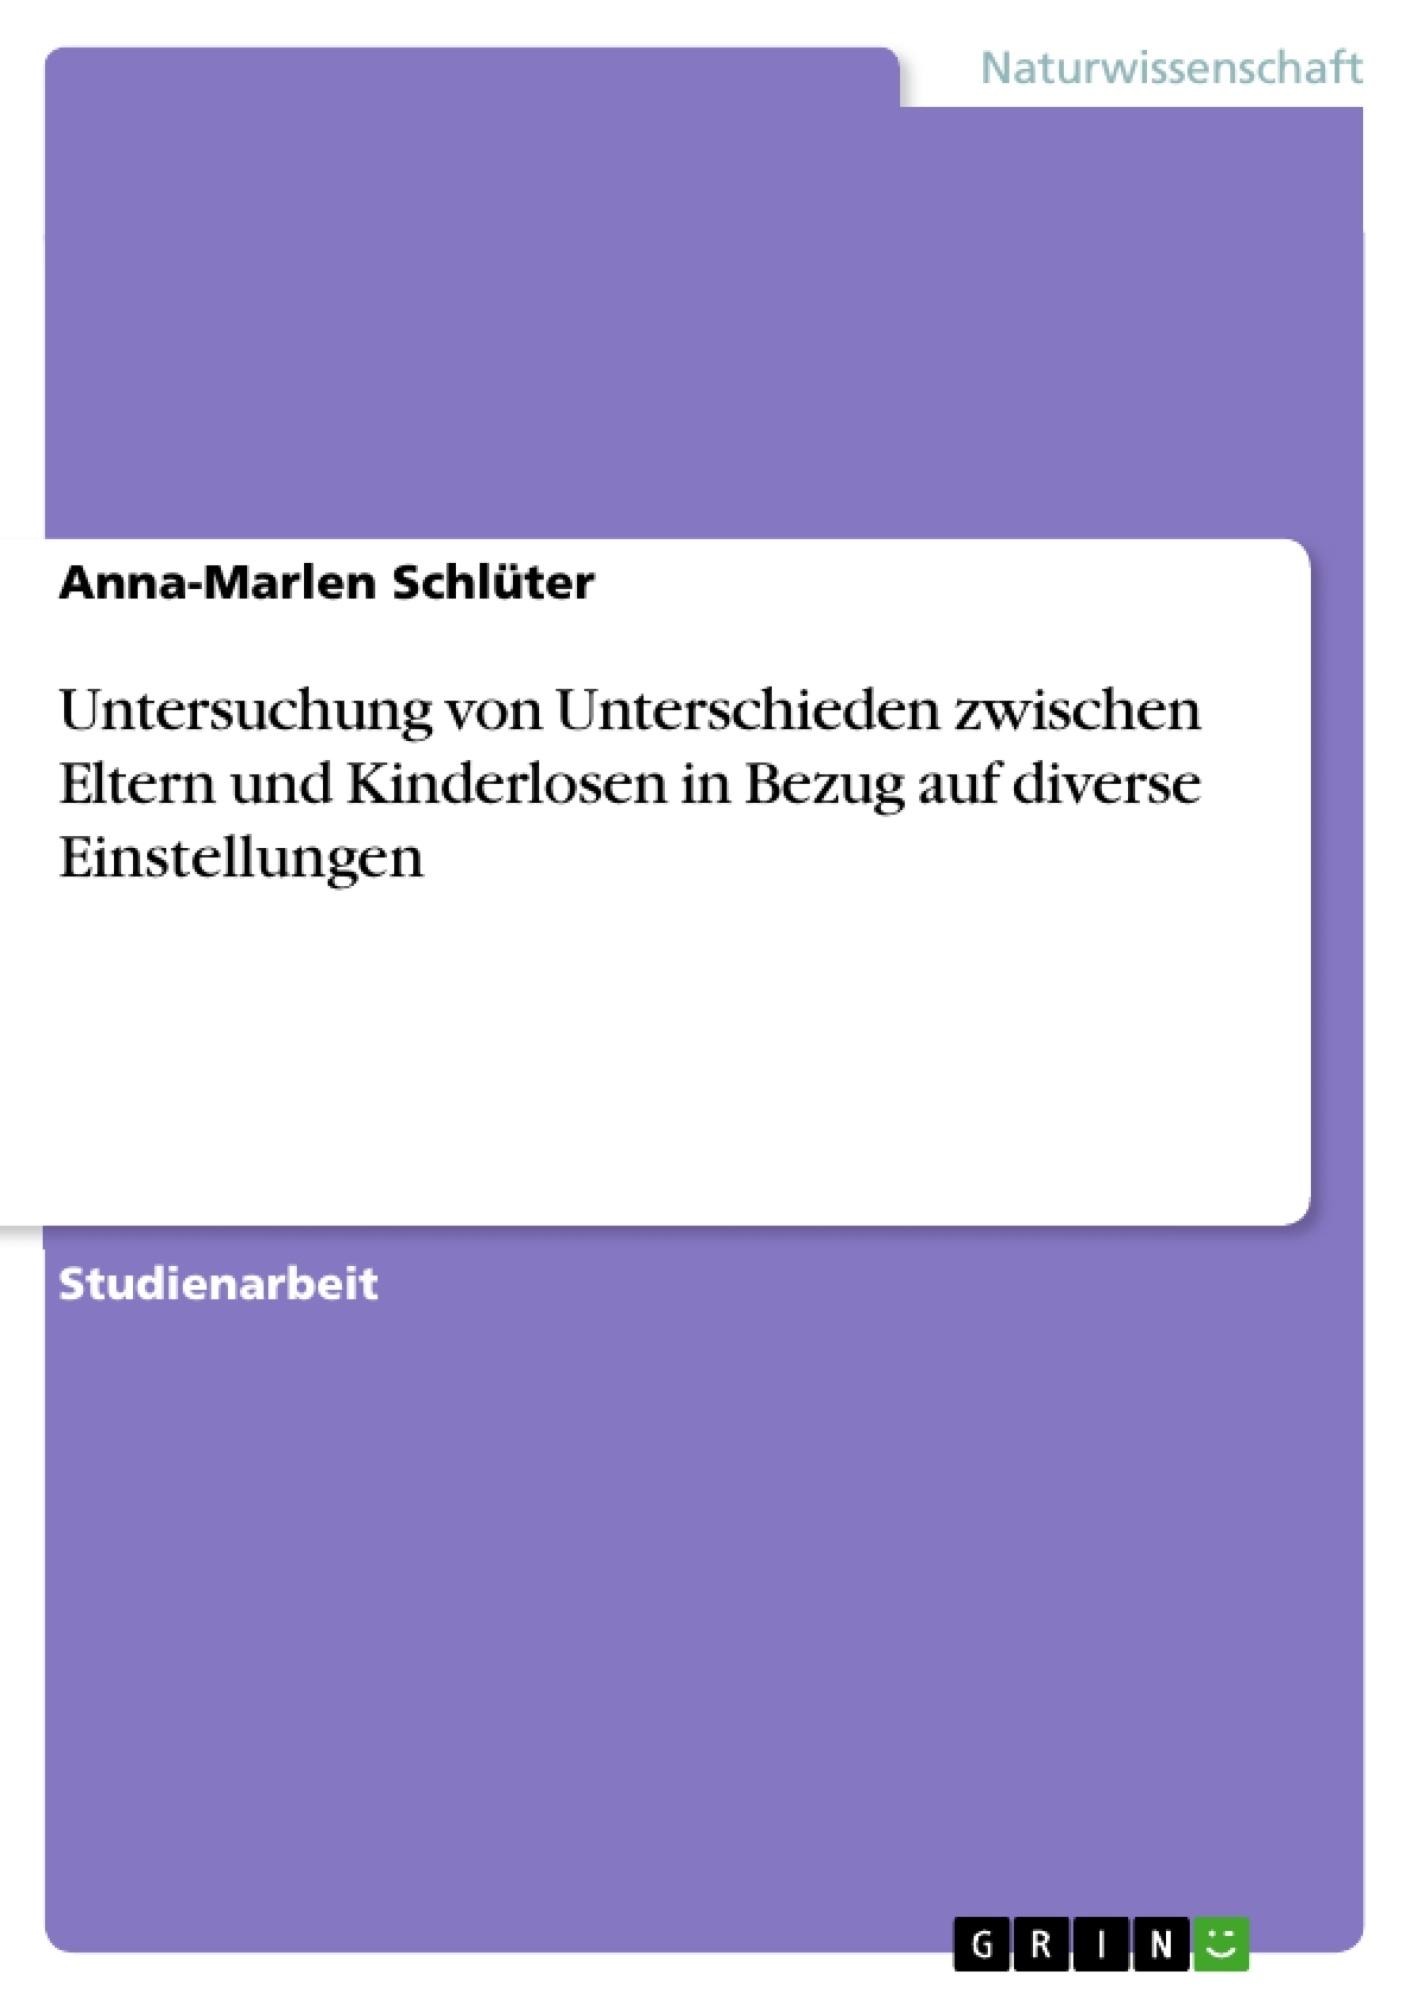 Titel: Untersuchung von Unterschieden zwischen Eltern und Kinderlosen in Bezug auf diverse Einstellungen